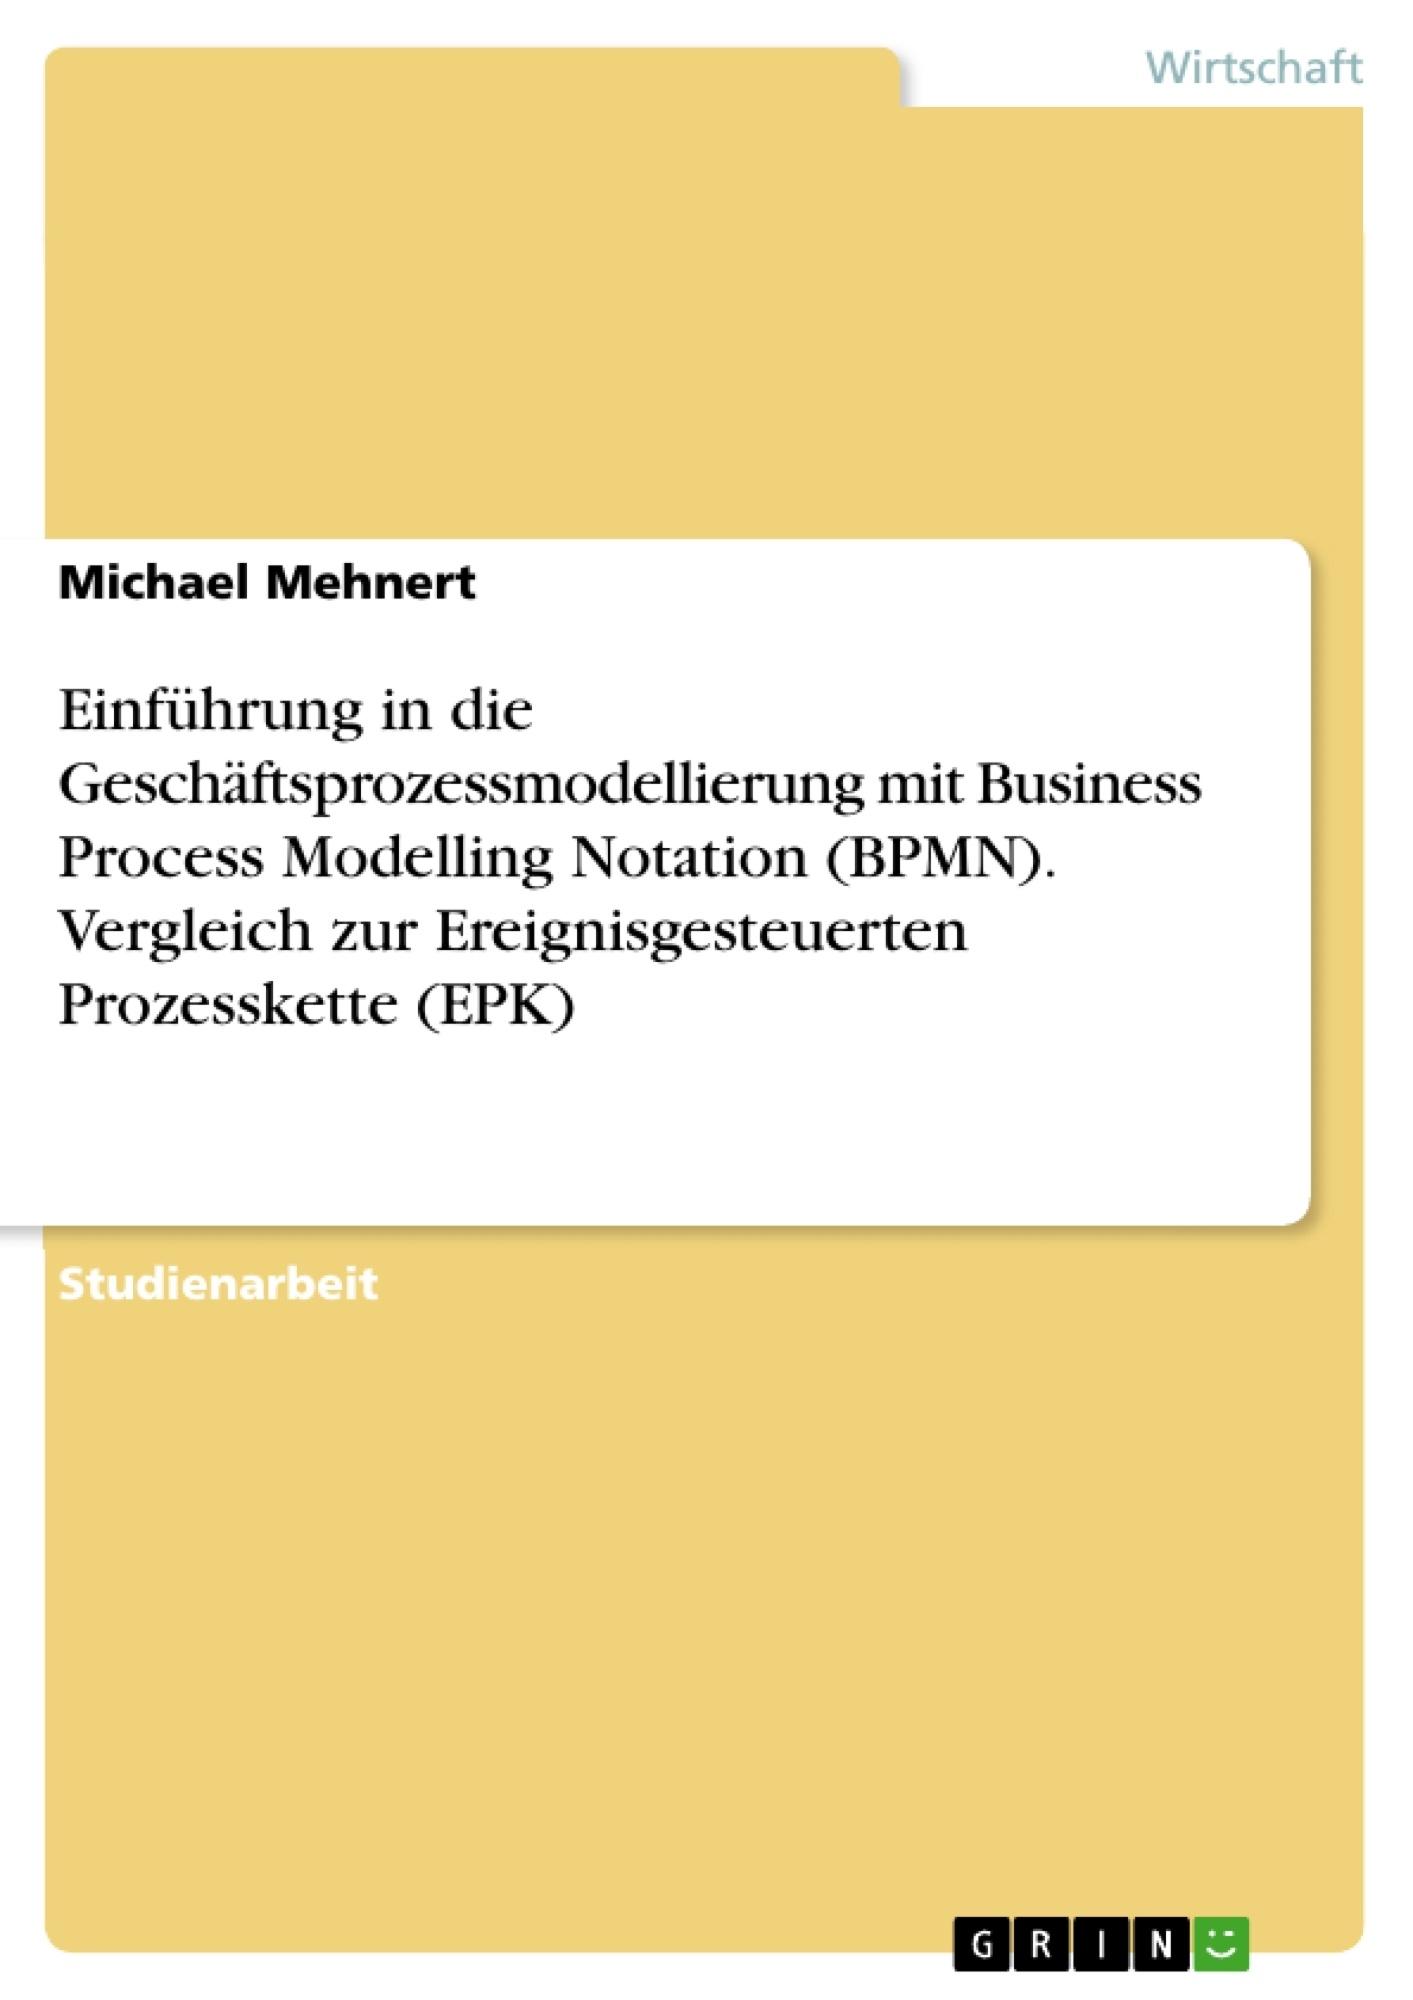 Titel: Einführung in die Geschäftsprozessmodellierung mit Business Process Modelling Notation (BPMN). Vergleich zur Ereignisgesteuerten Prozesskette (EPK)